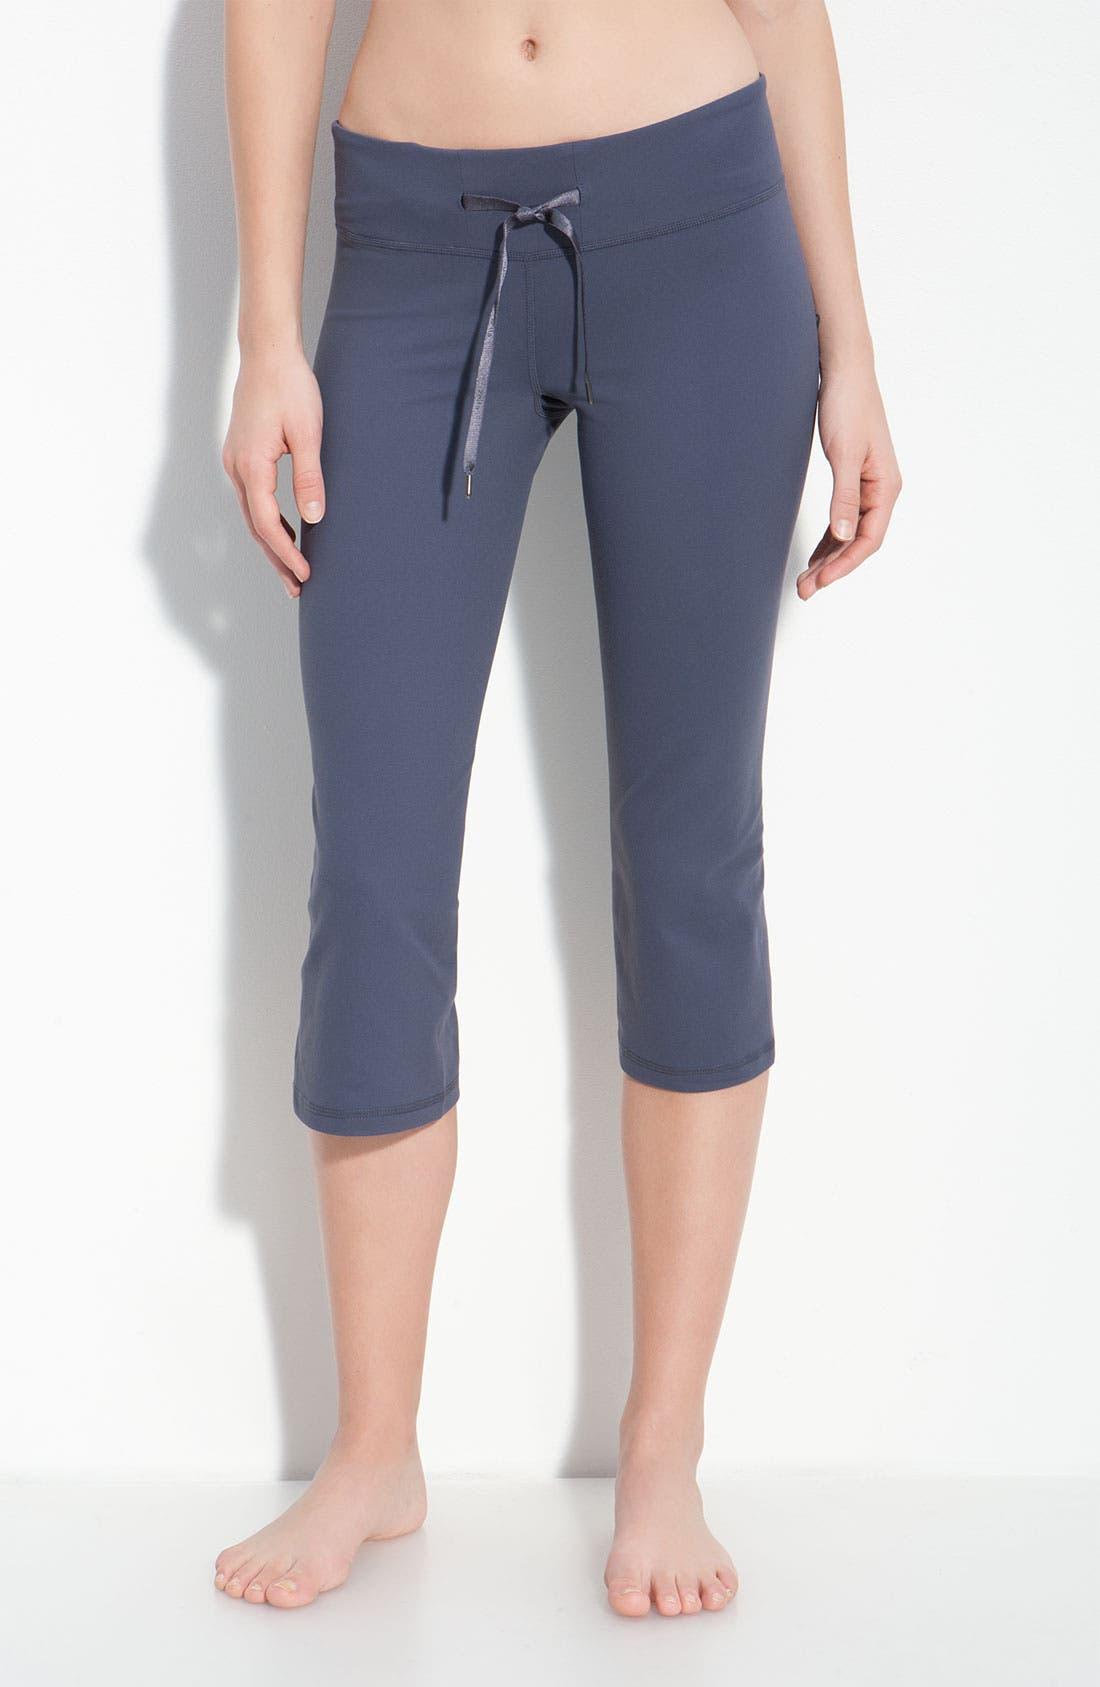 Alternate Image 1 Selected - Zella Vented Slim Capri Pants